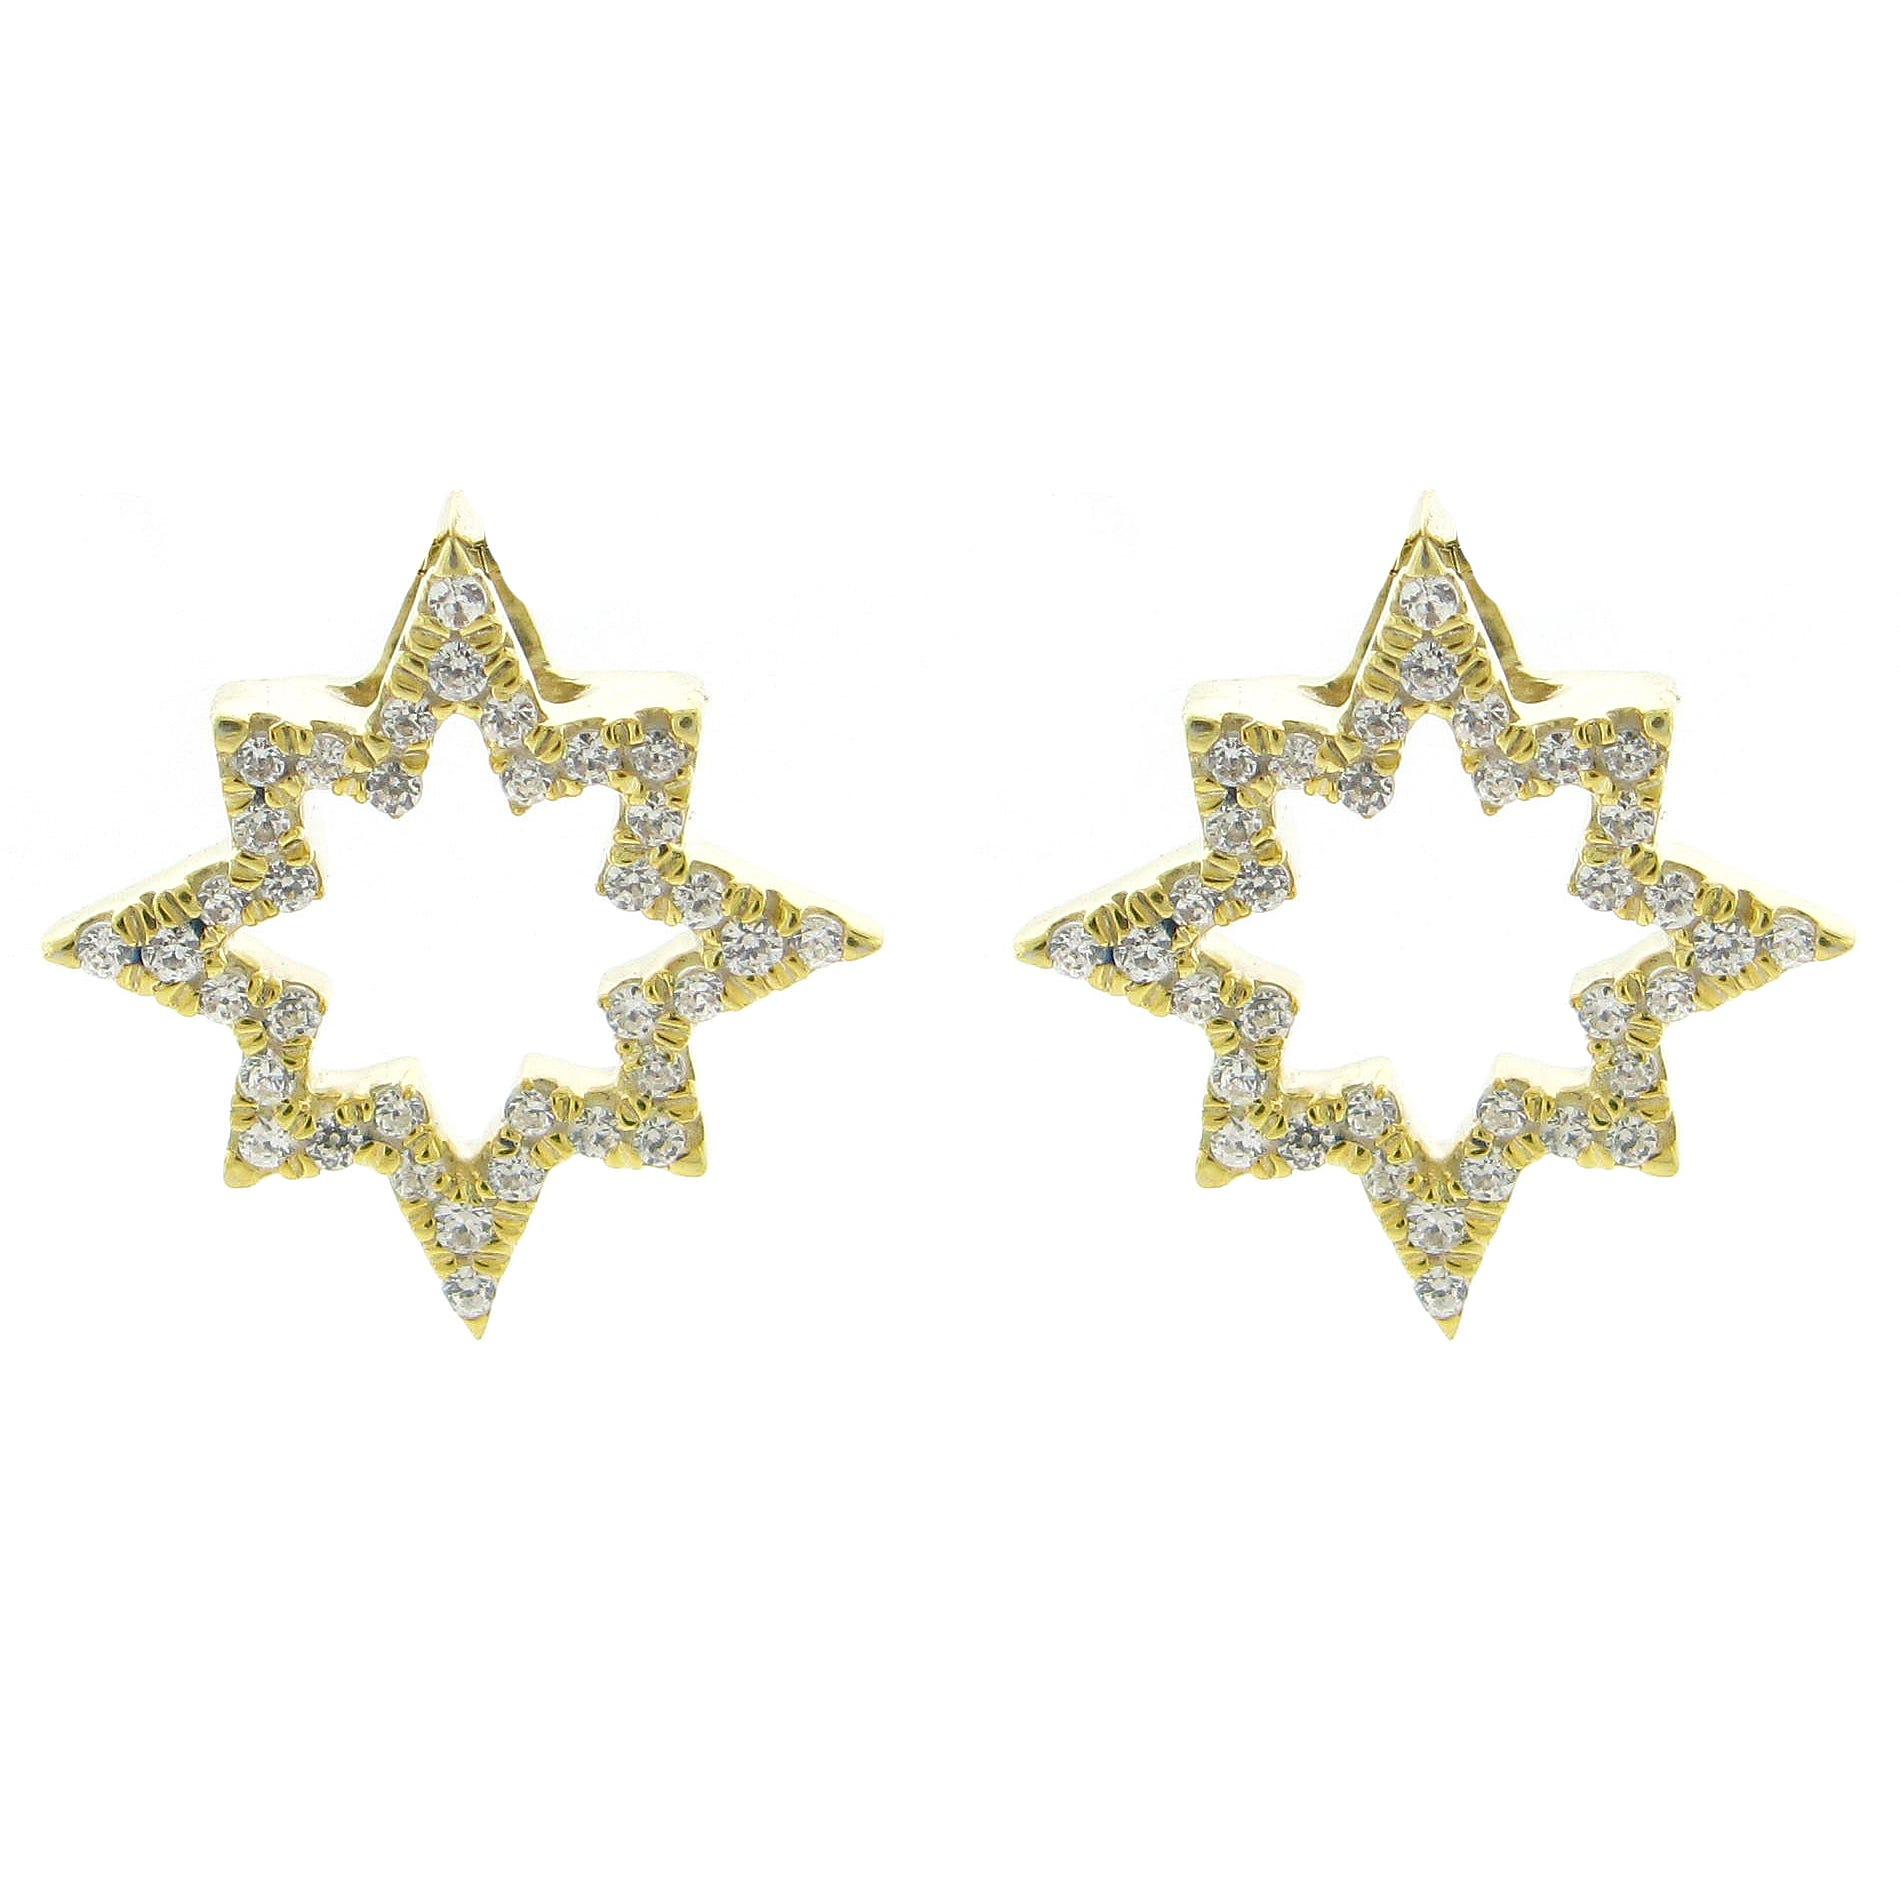 Open Diamond 1/4ctw. Starburst Stud Fashion Earrings in 10k Yellow Gold